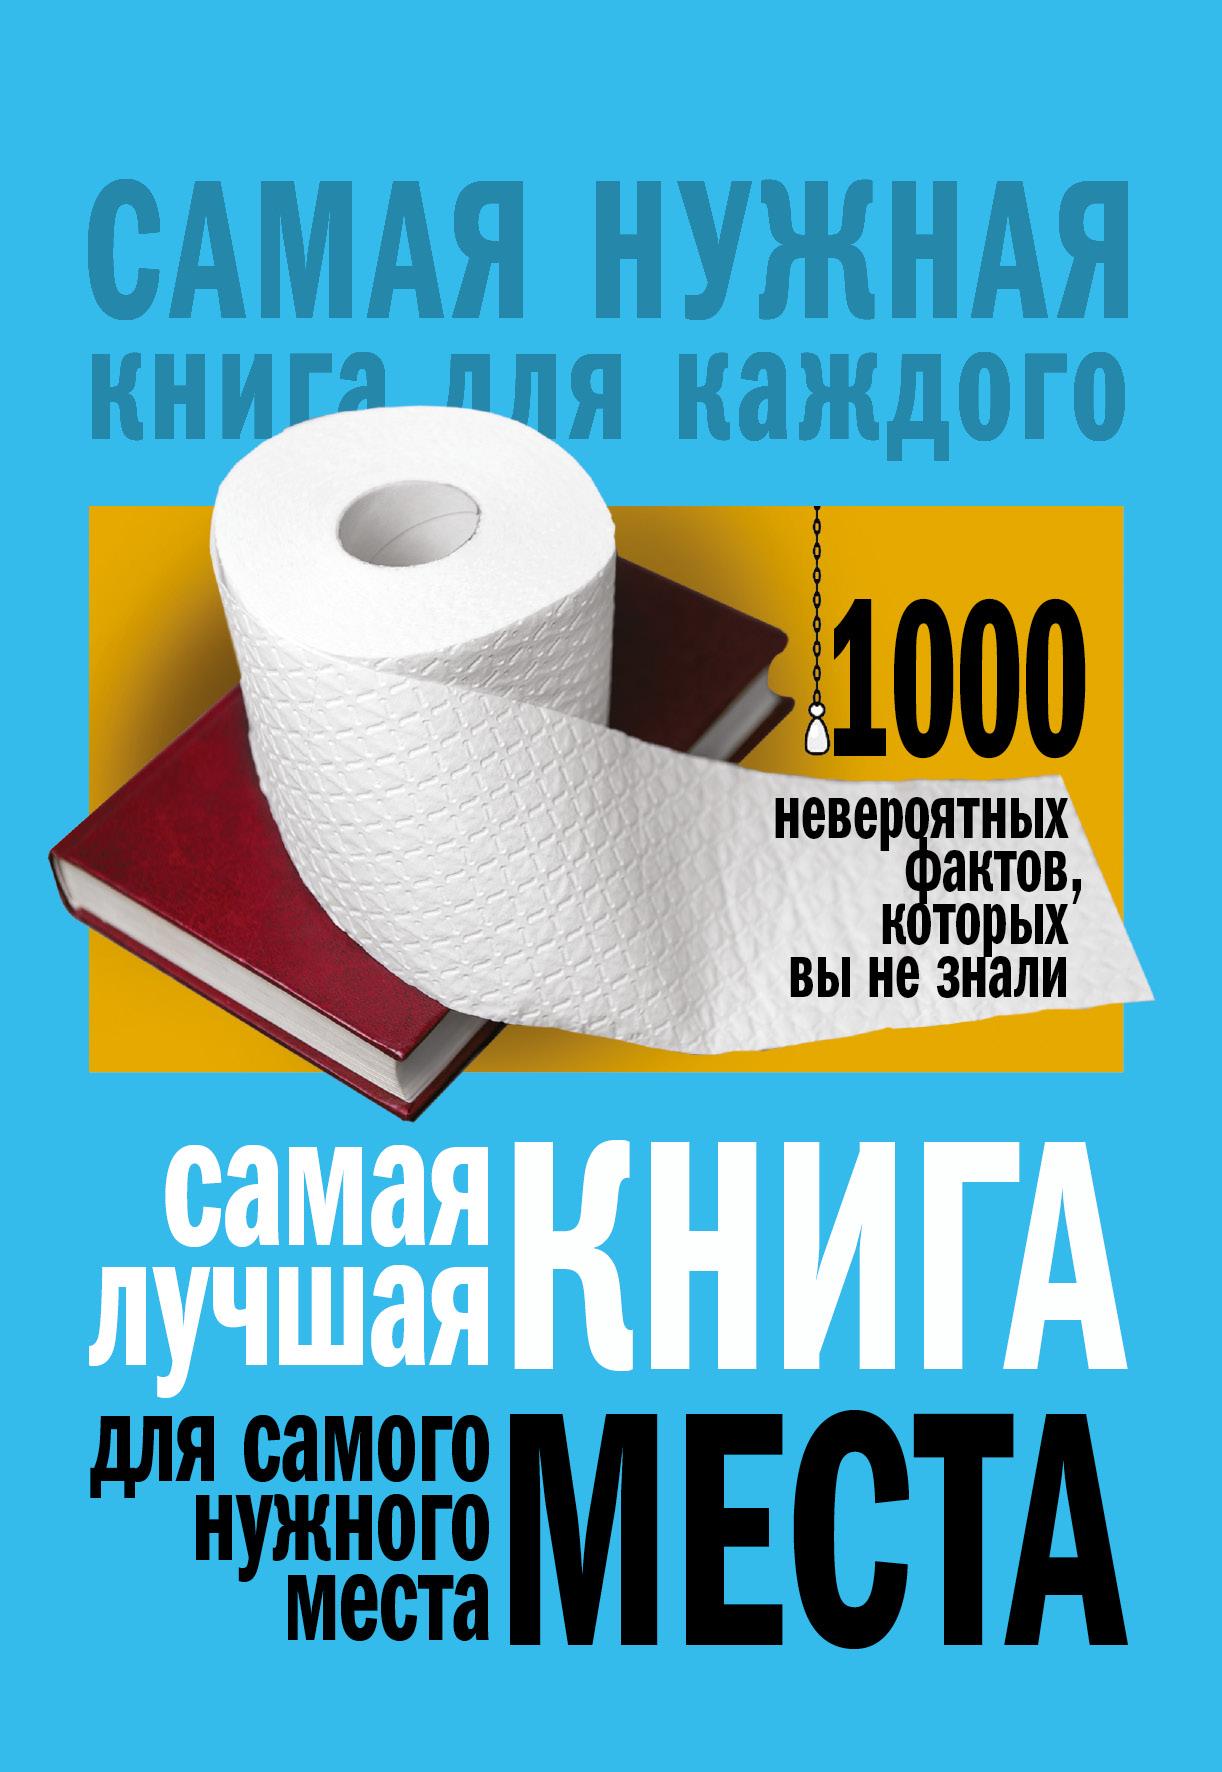 Самая лучшая книга для самого нужного места. 1000 невероятных фактов, которых вы не знали ( Кремер Л.В.  )